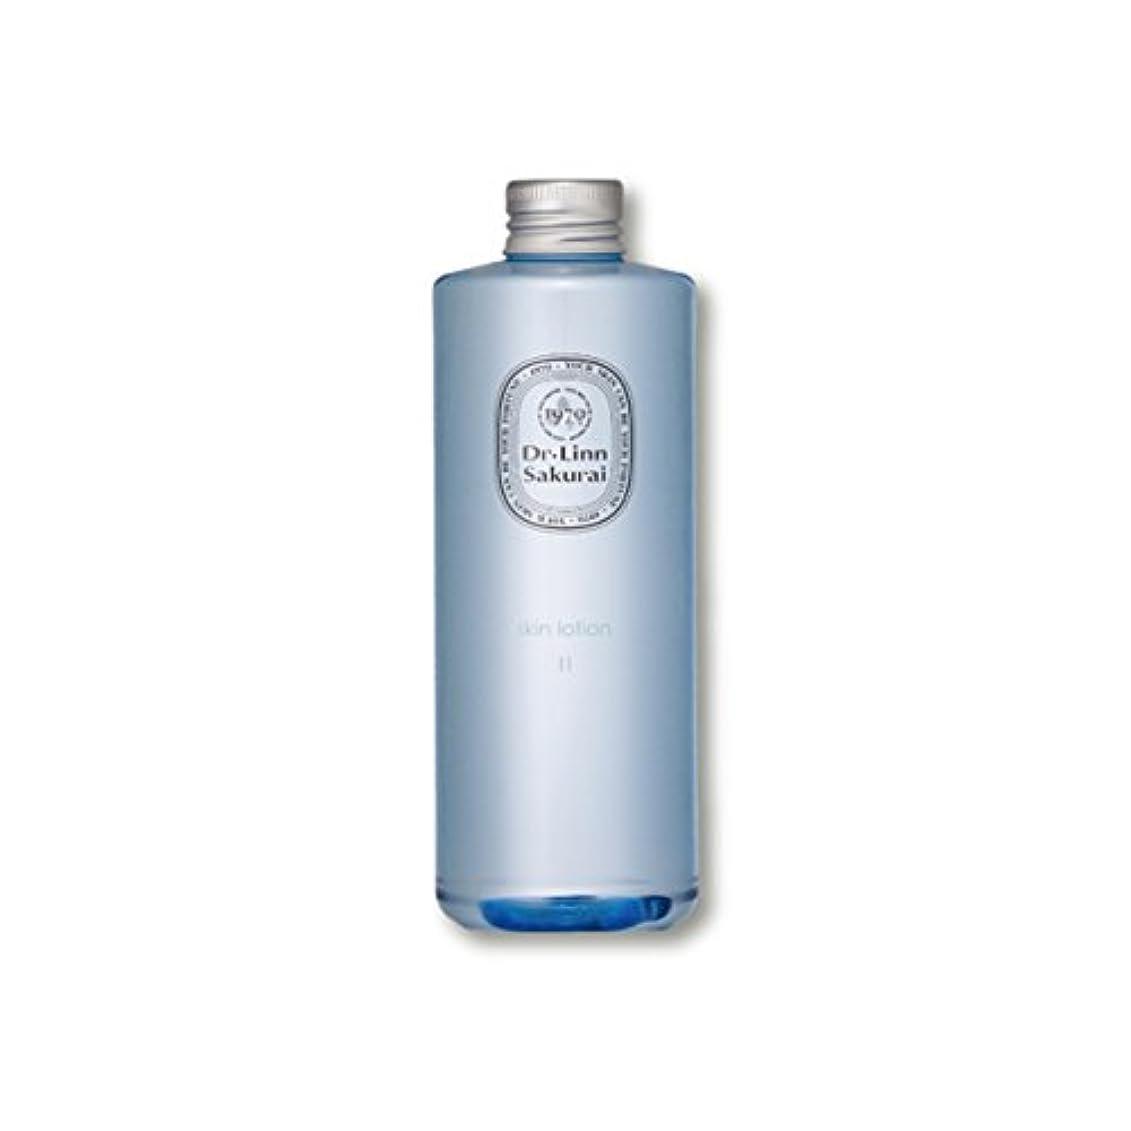 量特にまあドクターリンサクライ スキンローションII しっとりタイプ 300ml  (化粧水)